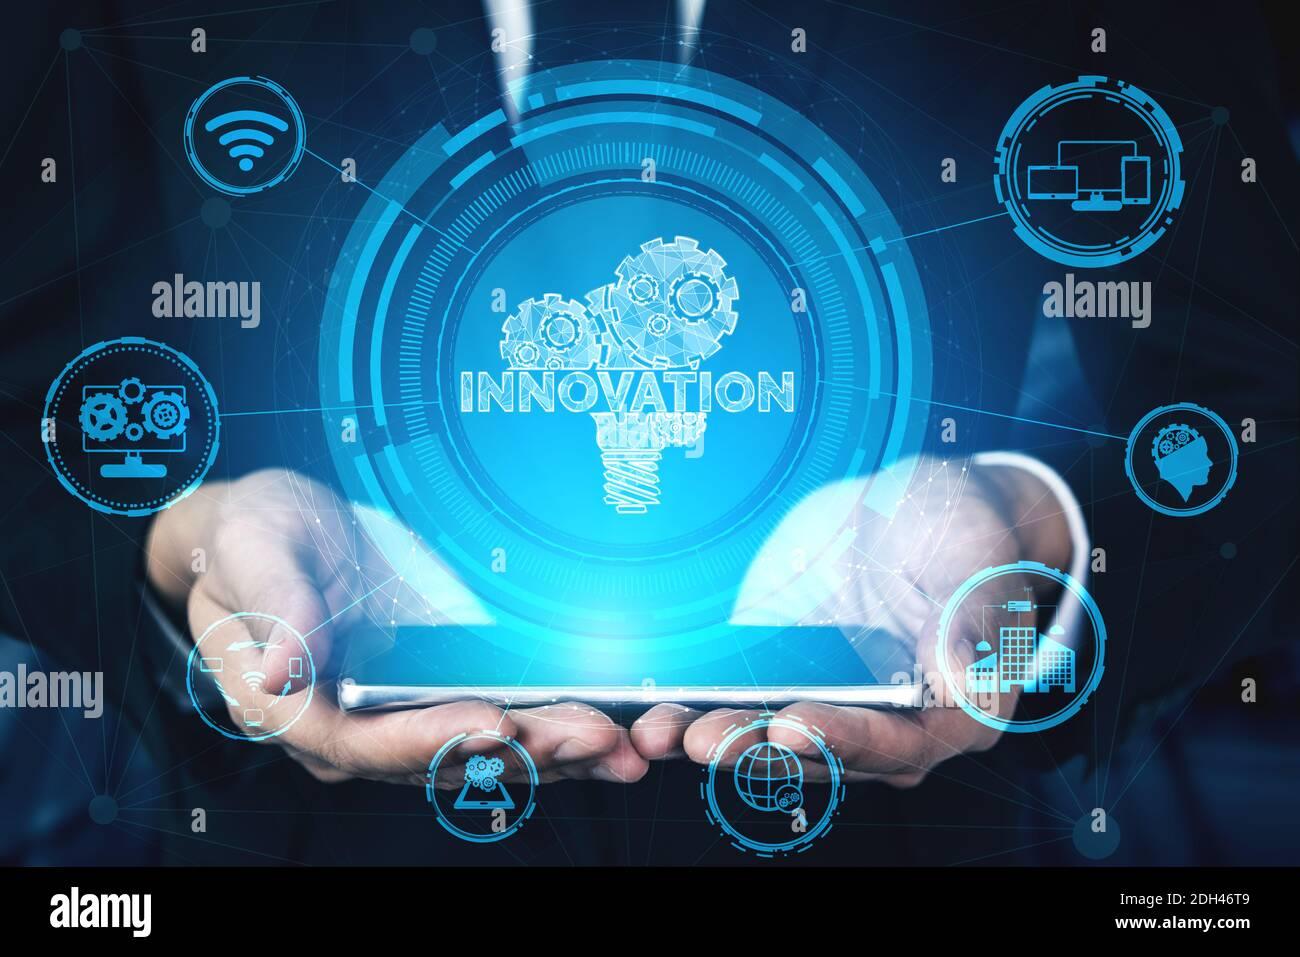 Innovation technologie pour Business Finance concept. Interface graphique moderne montrant le symbole des idées innovantes pensée, recherche et développement Banque D'Images